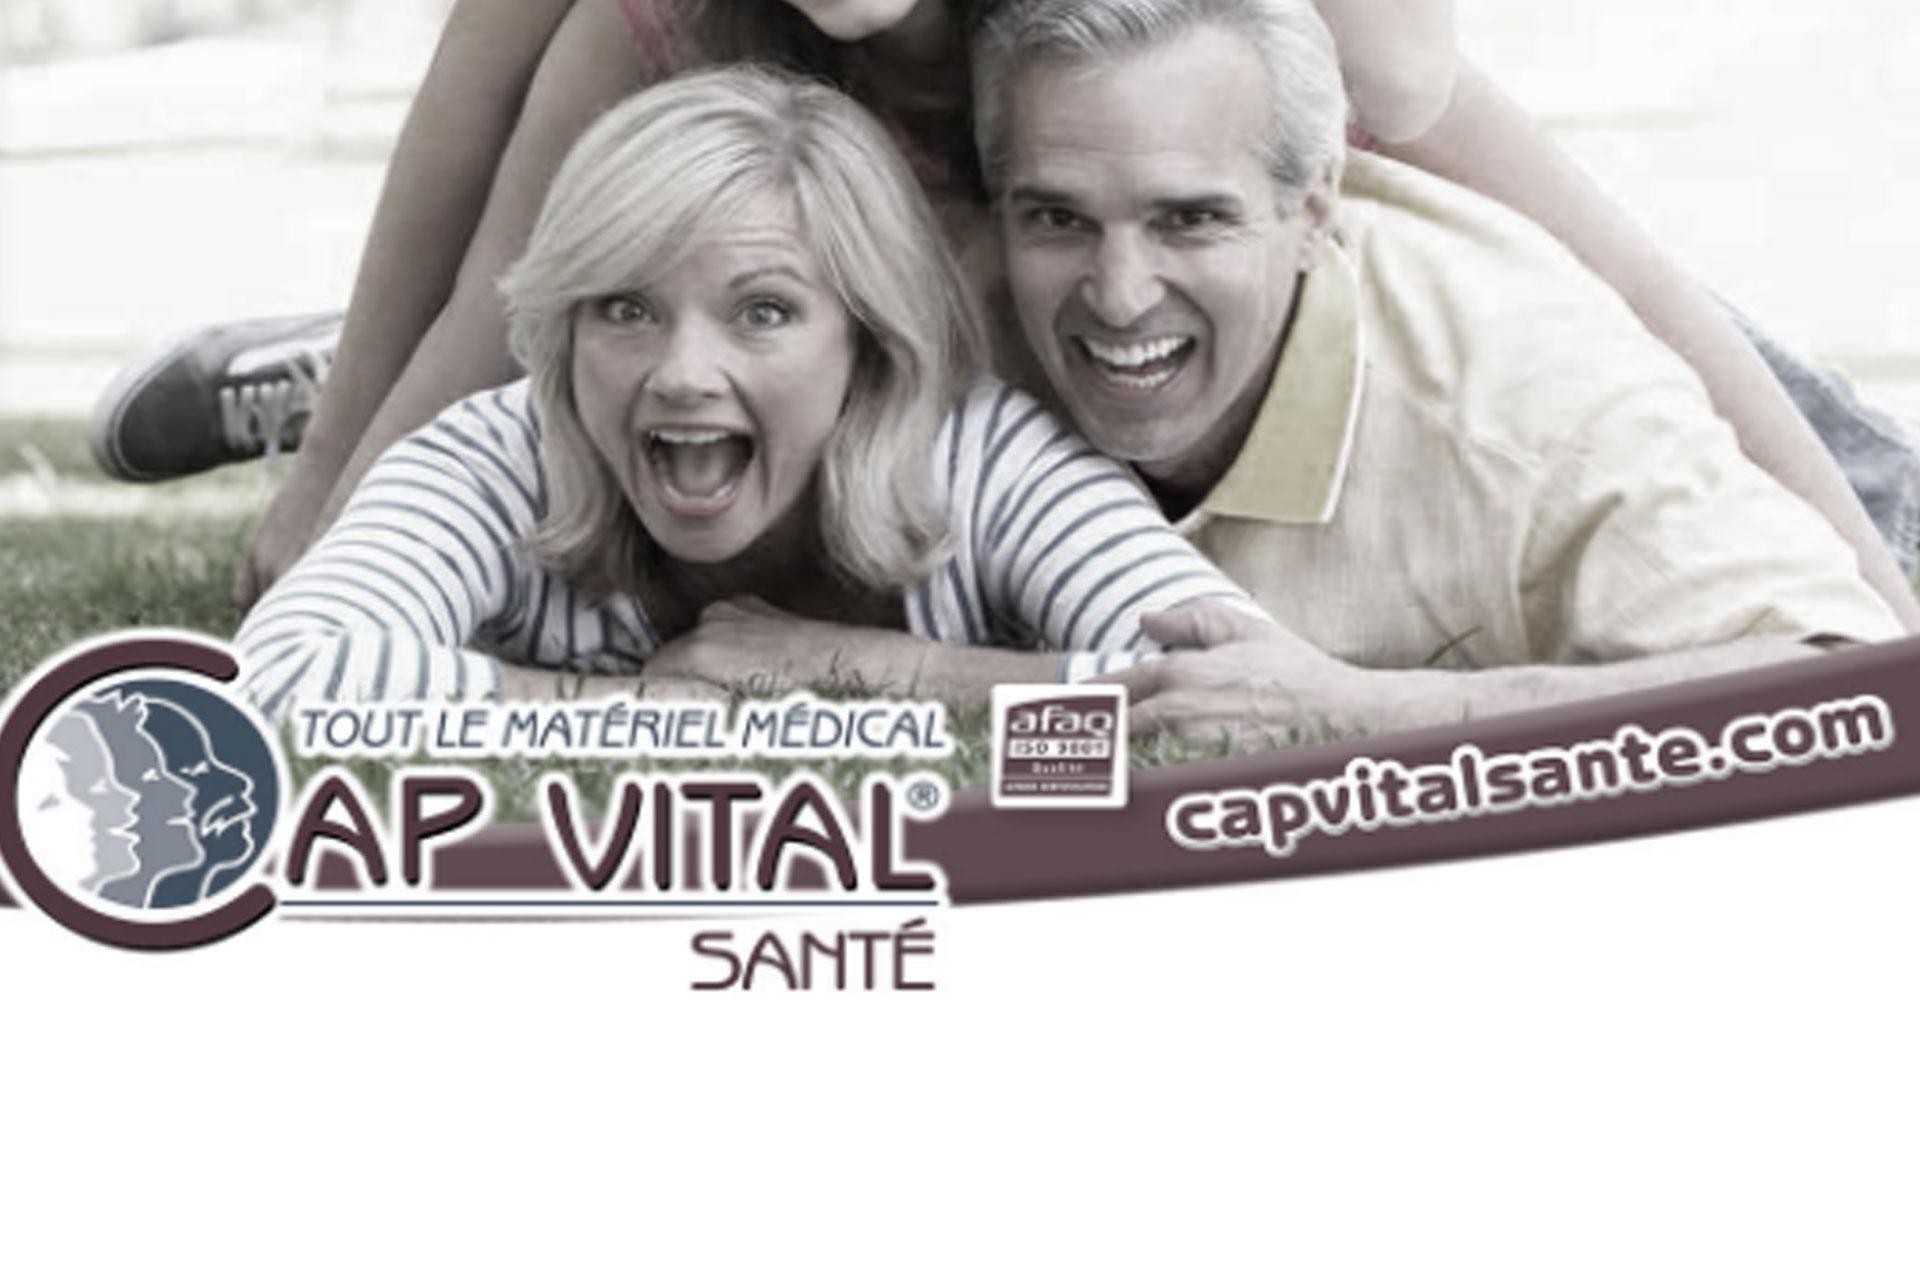 Cap vital santé